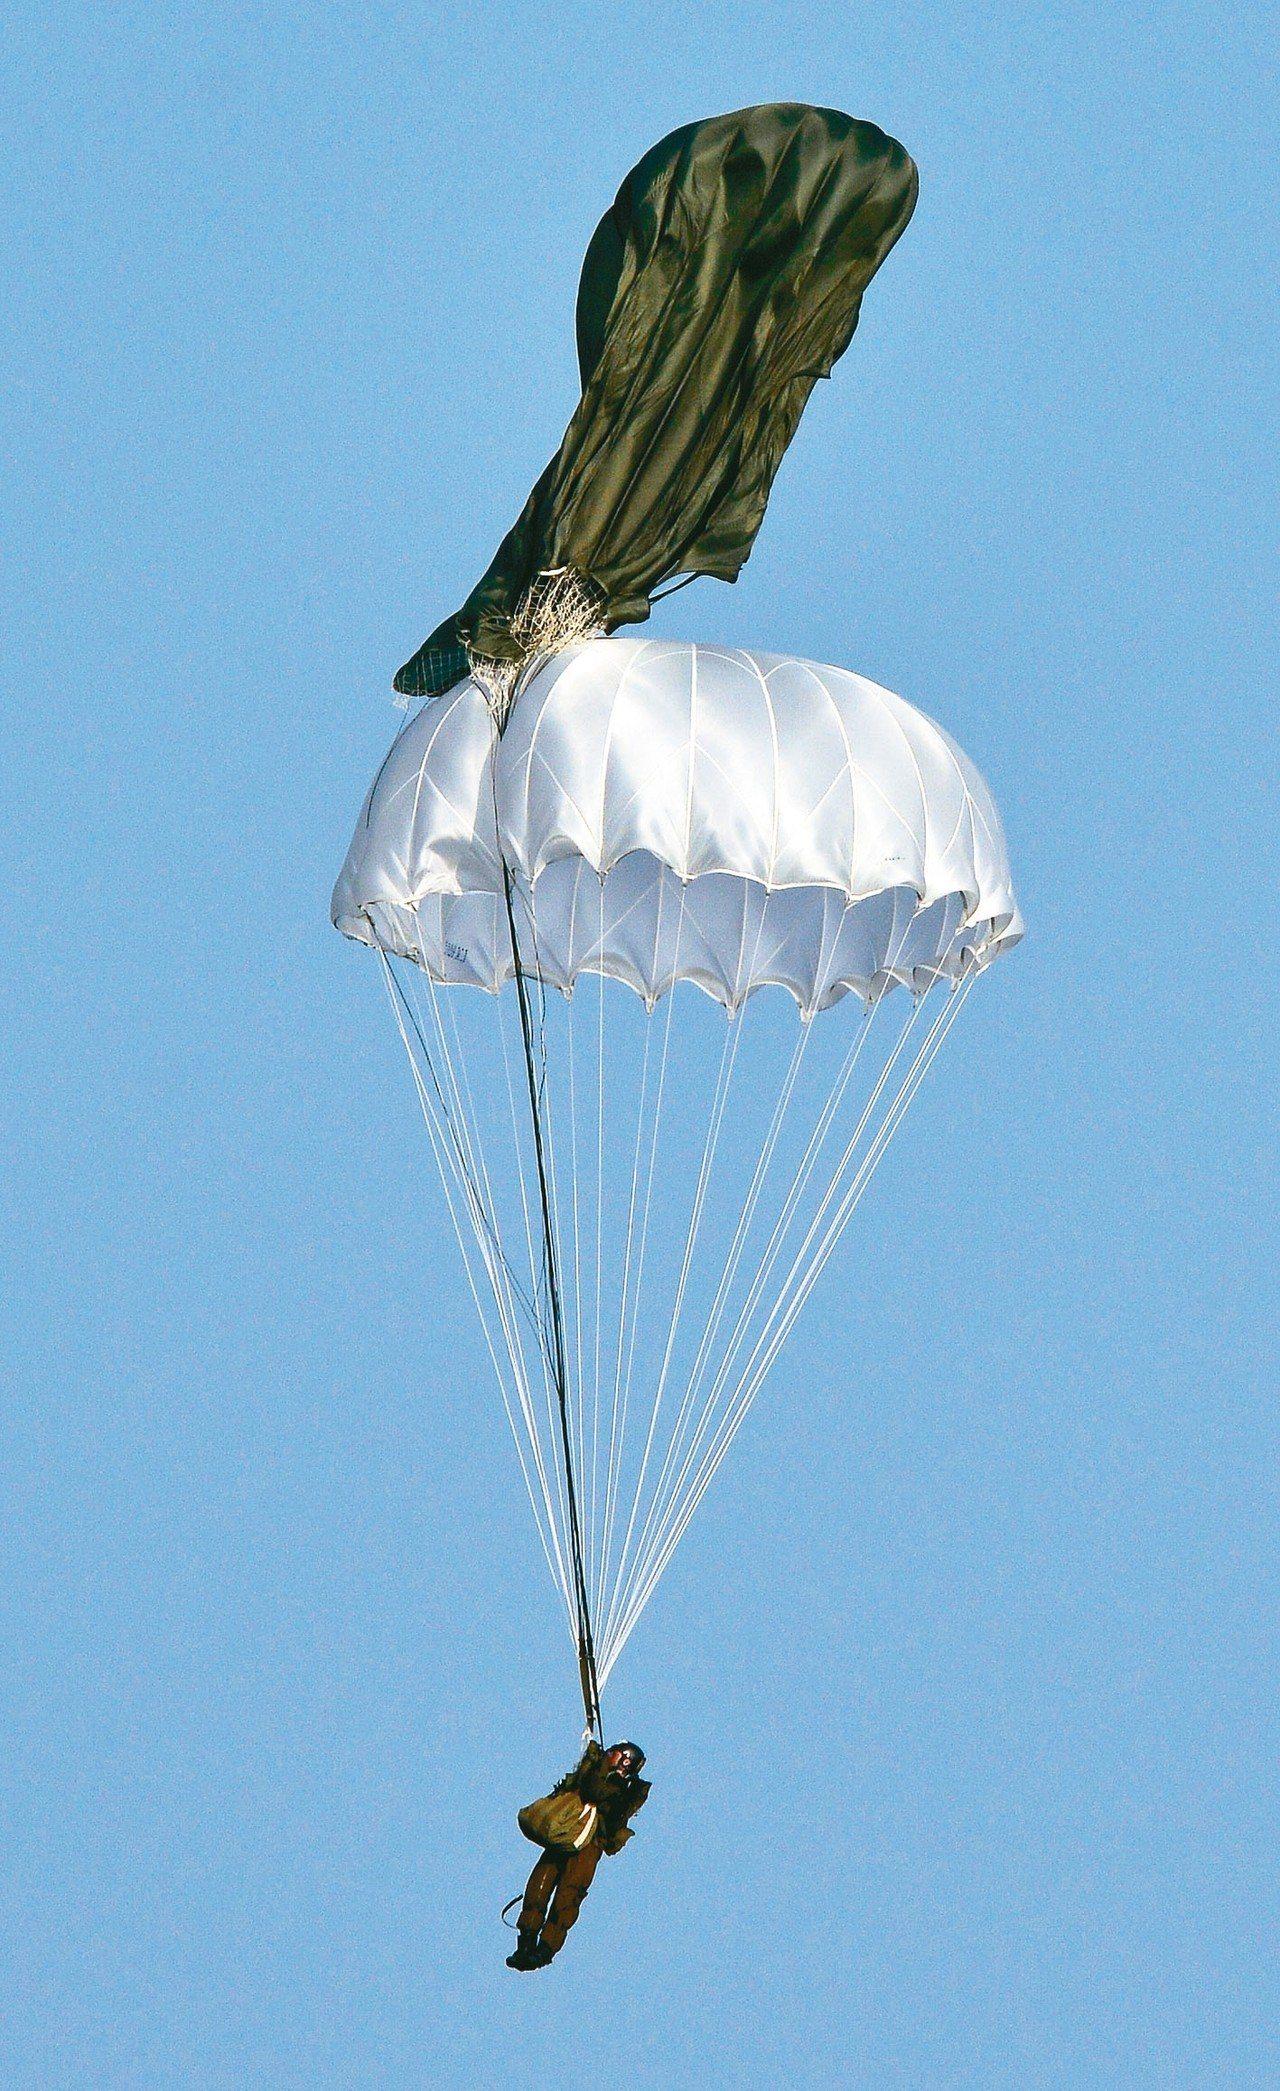 傘兵跳傘風險高,2014年漢光演習一名傘兵跳出時發生主傘未開的驚險狀況,所幸他立...